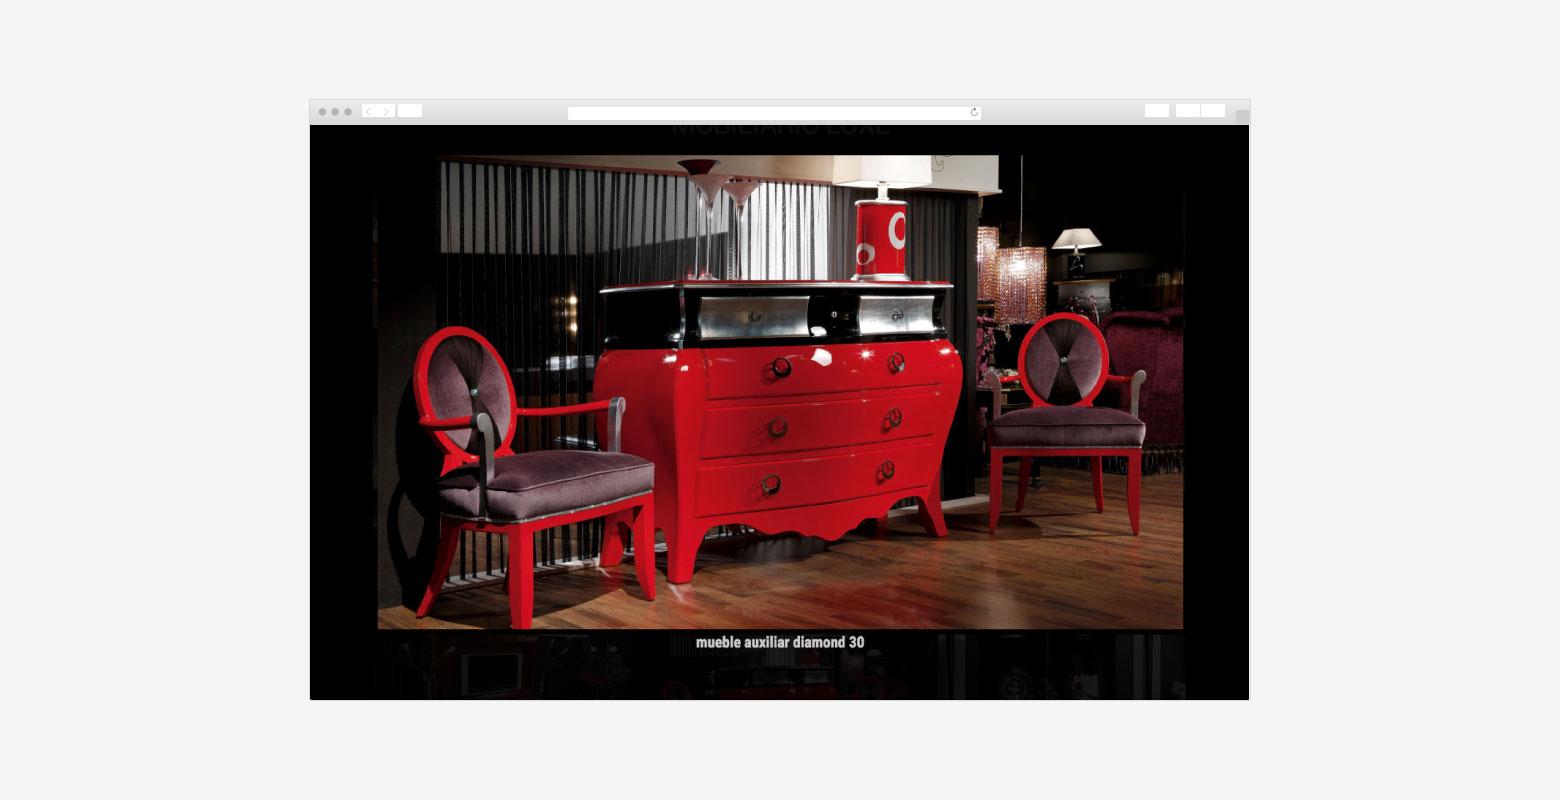 diseño web, diseño gráfico y campaña de marketing para tienda de ... - Tiendas Muebles Diseno